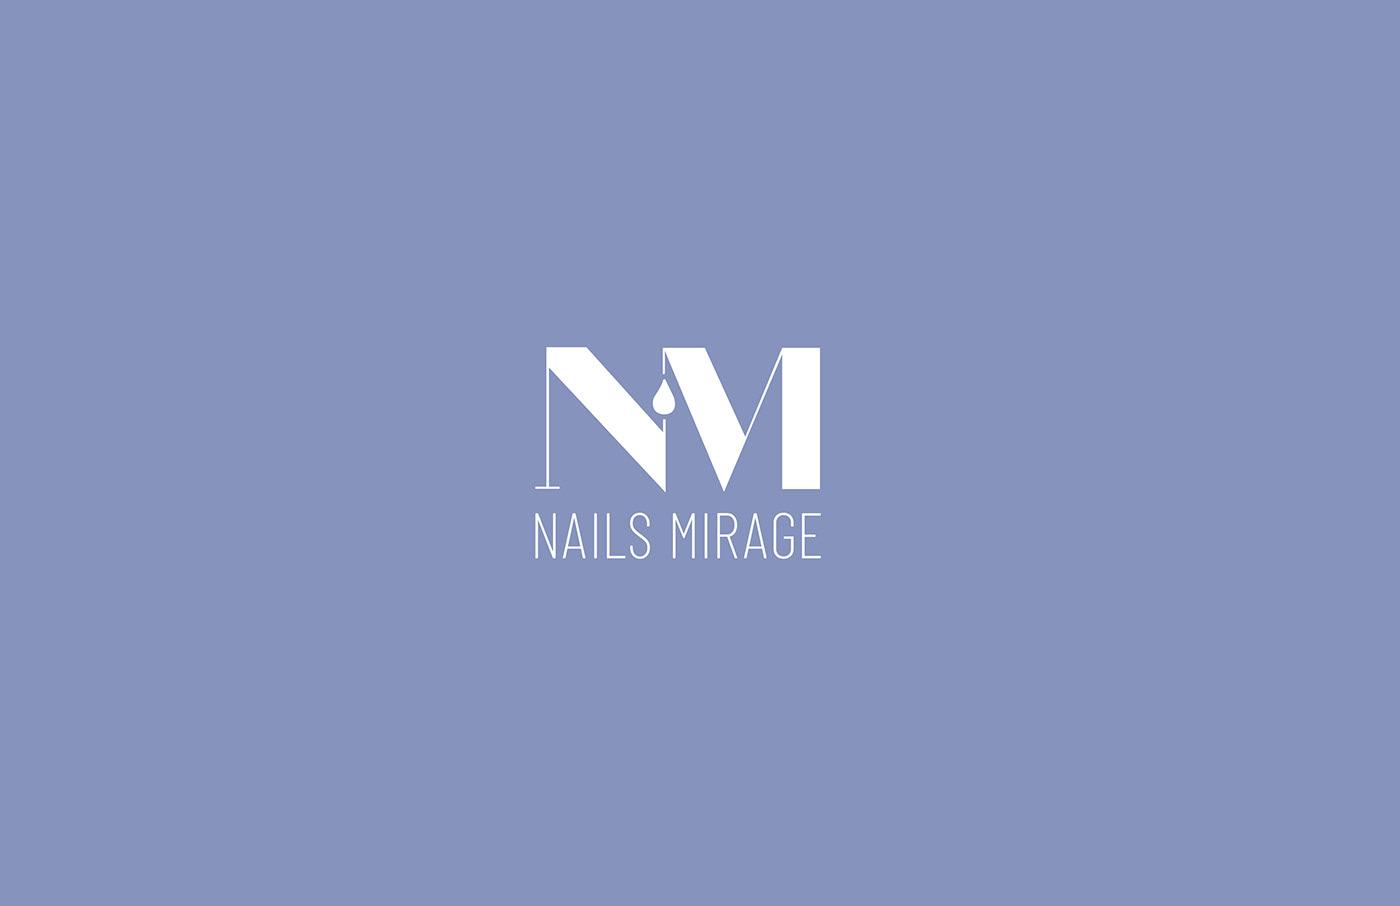 Nails mirage shawnee